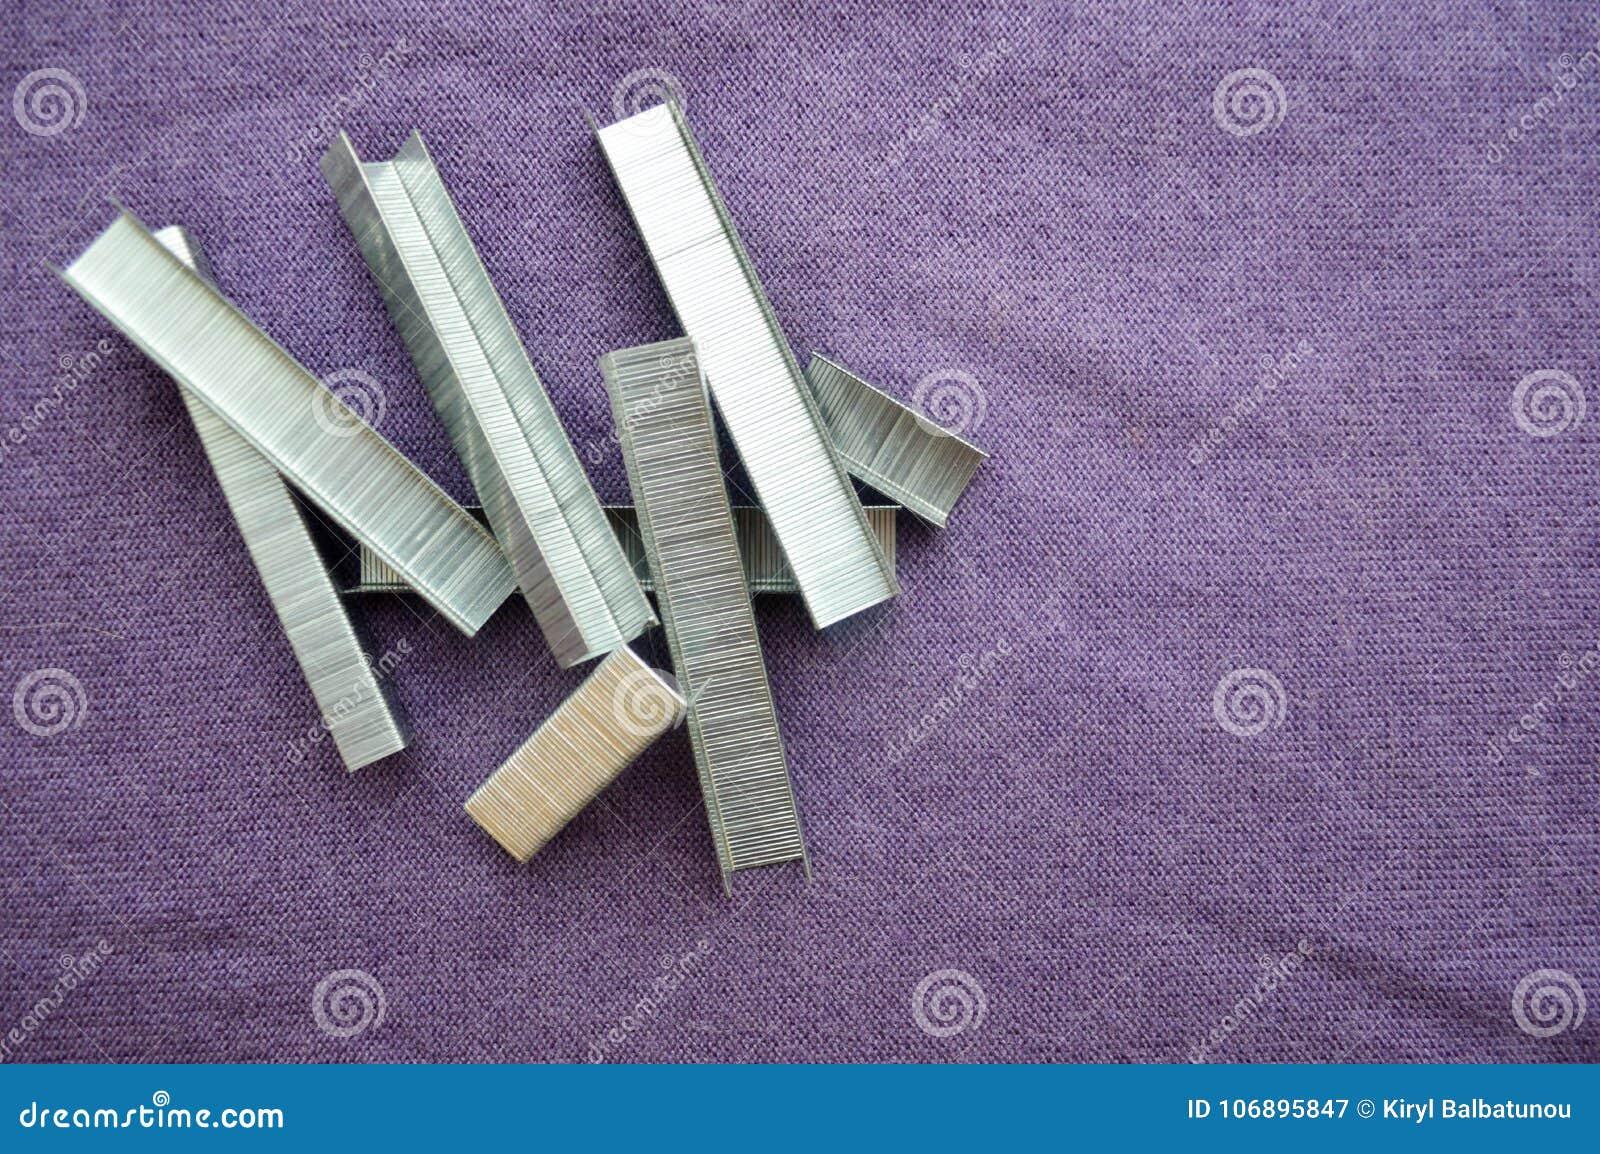 Σίδηρος, μέταλλο, αργυροειδείς βάσεις που συσσωρεύονται